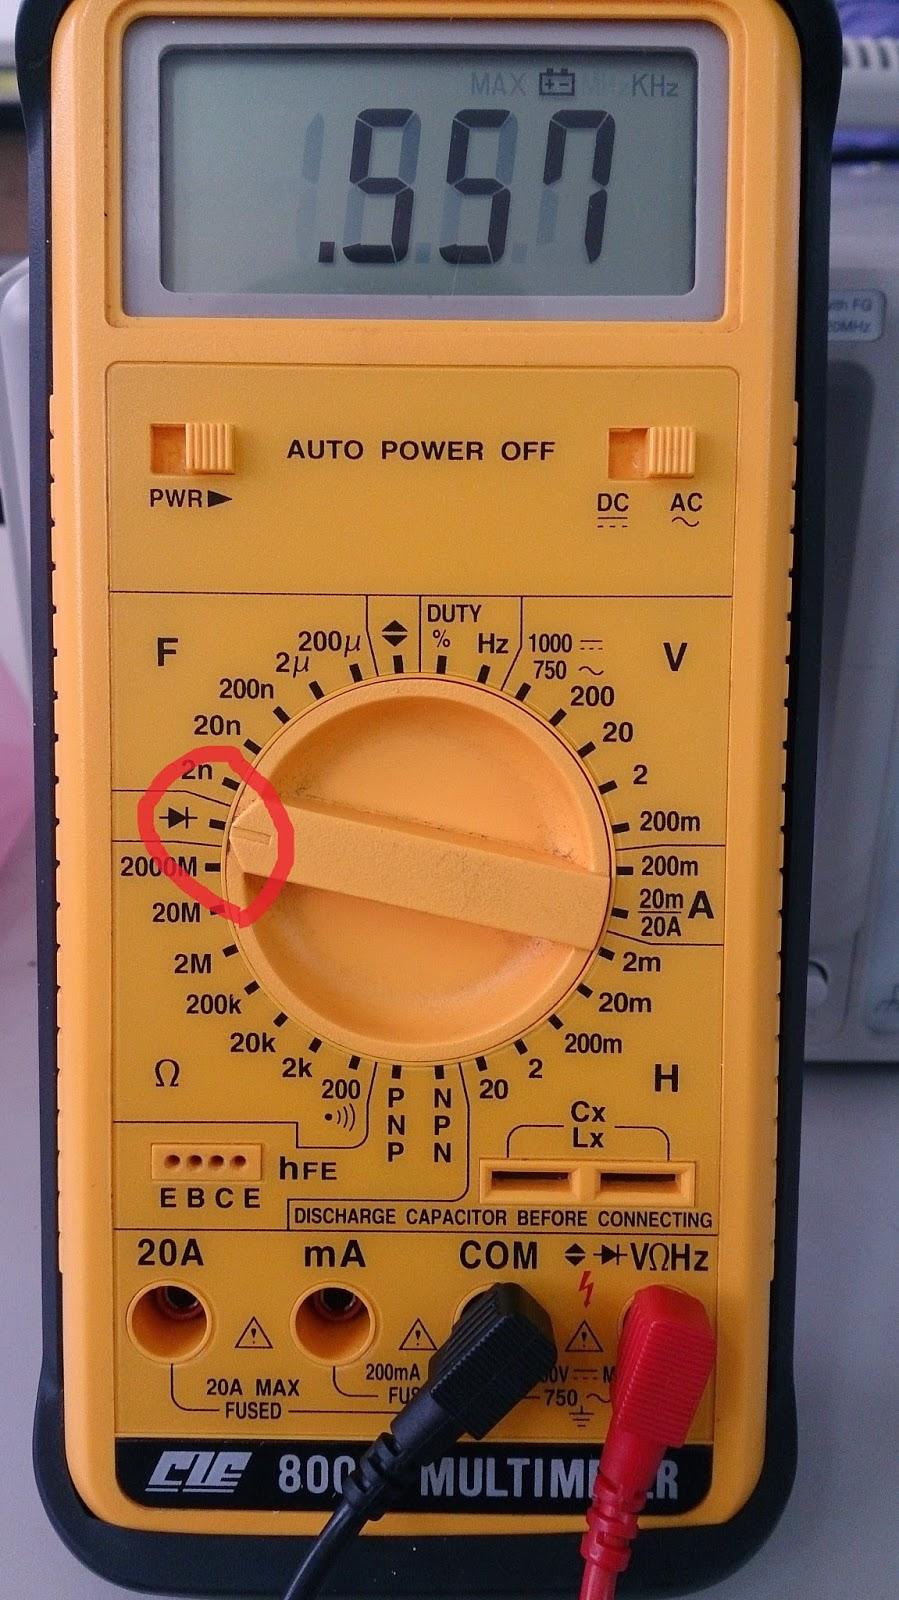 生活初體驗: 基礎電子電路.....認識與檢測常用的電子零件~